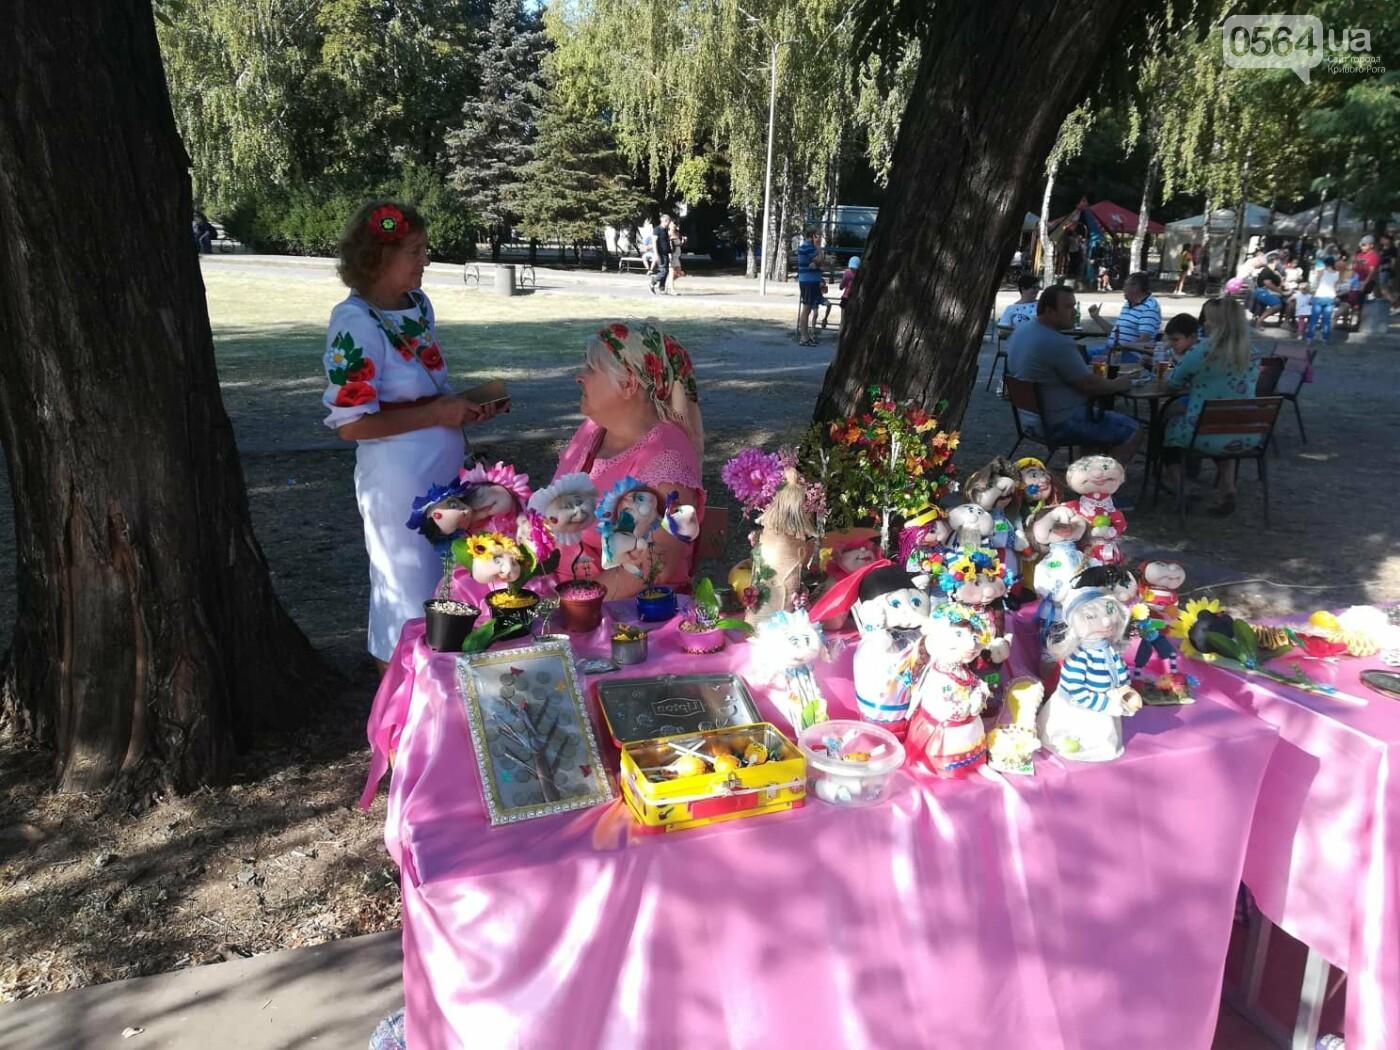 Мастер-классы, концерт и показательные выступления казаков, - как криворожане отмечают главный праздник страны в Долгинцевском районе, фото-10